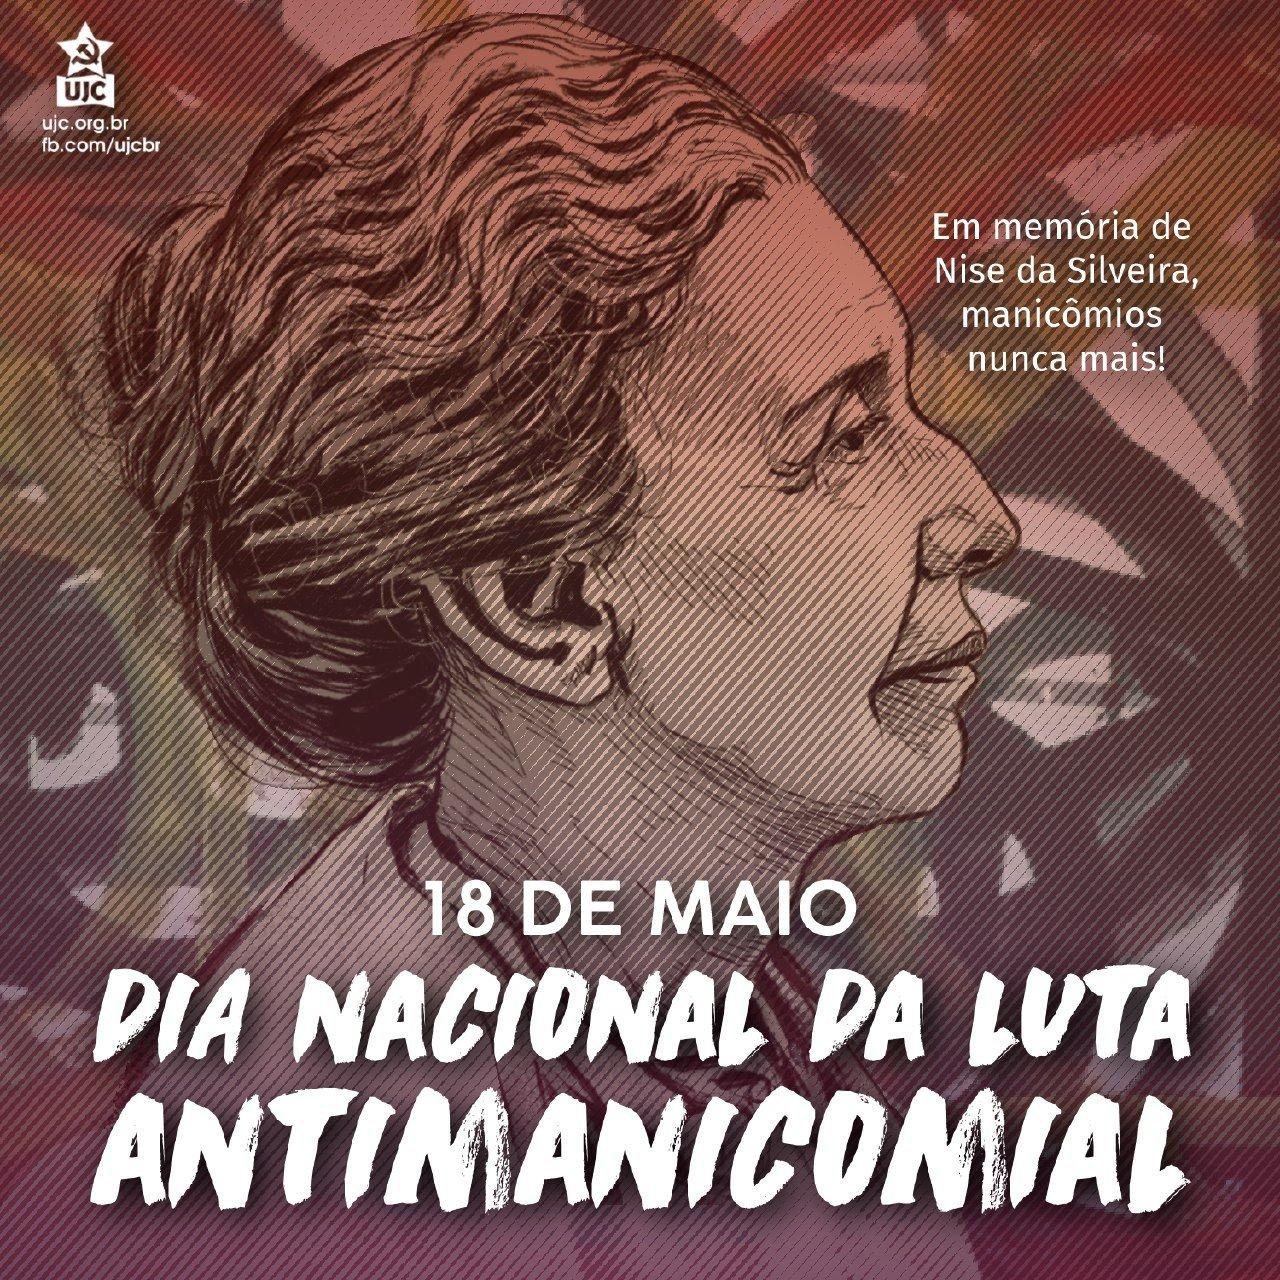 Em memória de Nise da Silveira: manicômios nunca mais!